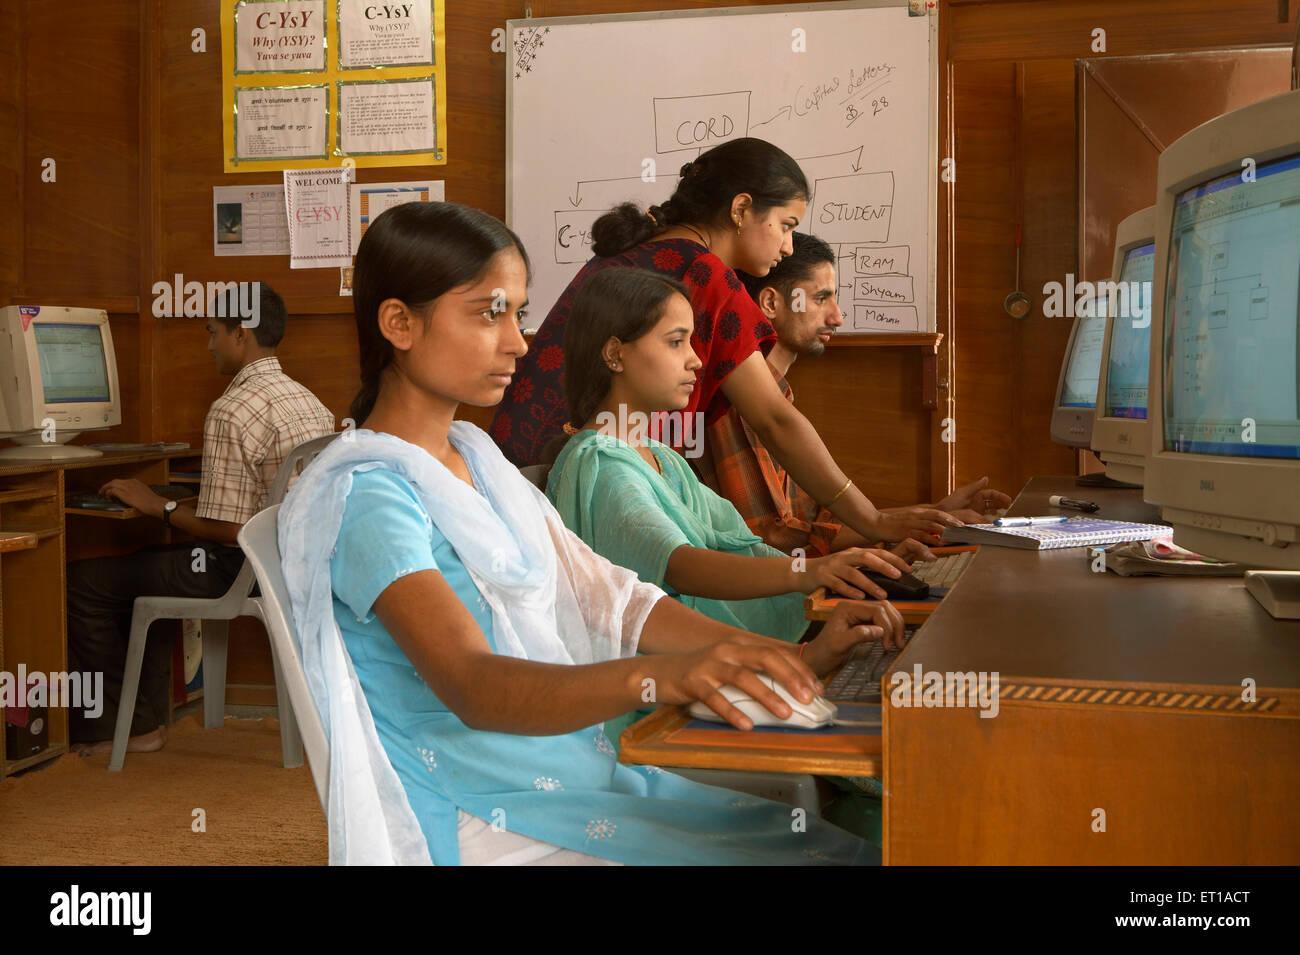 Transmettre les connaissances de l'ordinateur de l'enseignant à la jeunesse rurale dans la classe socio Photo Stock